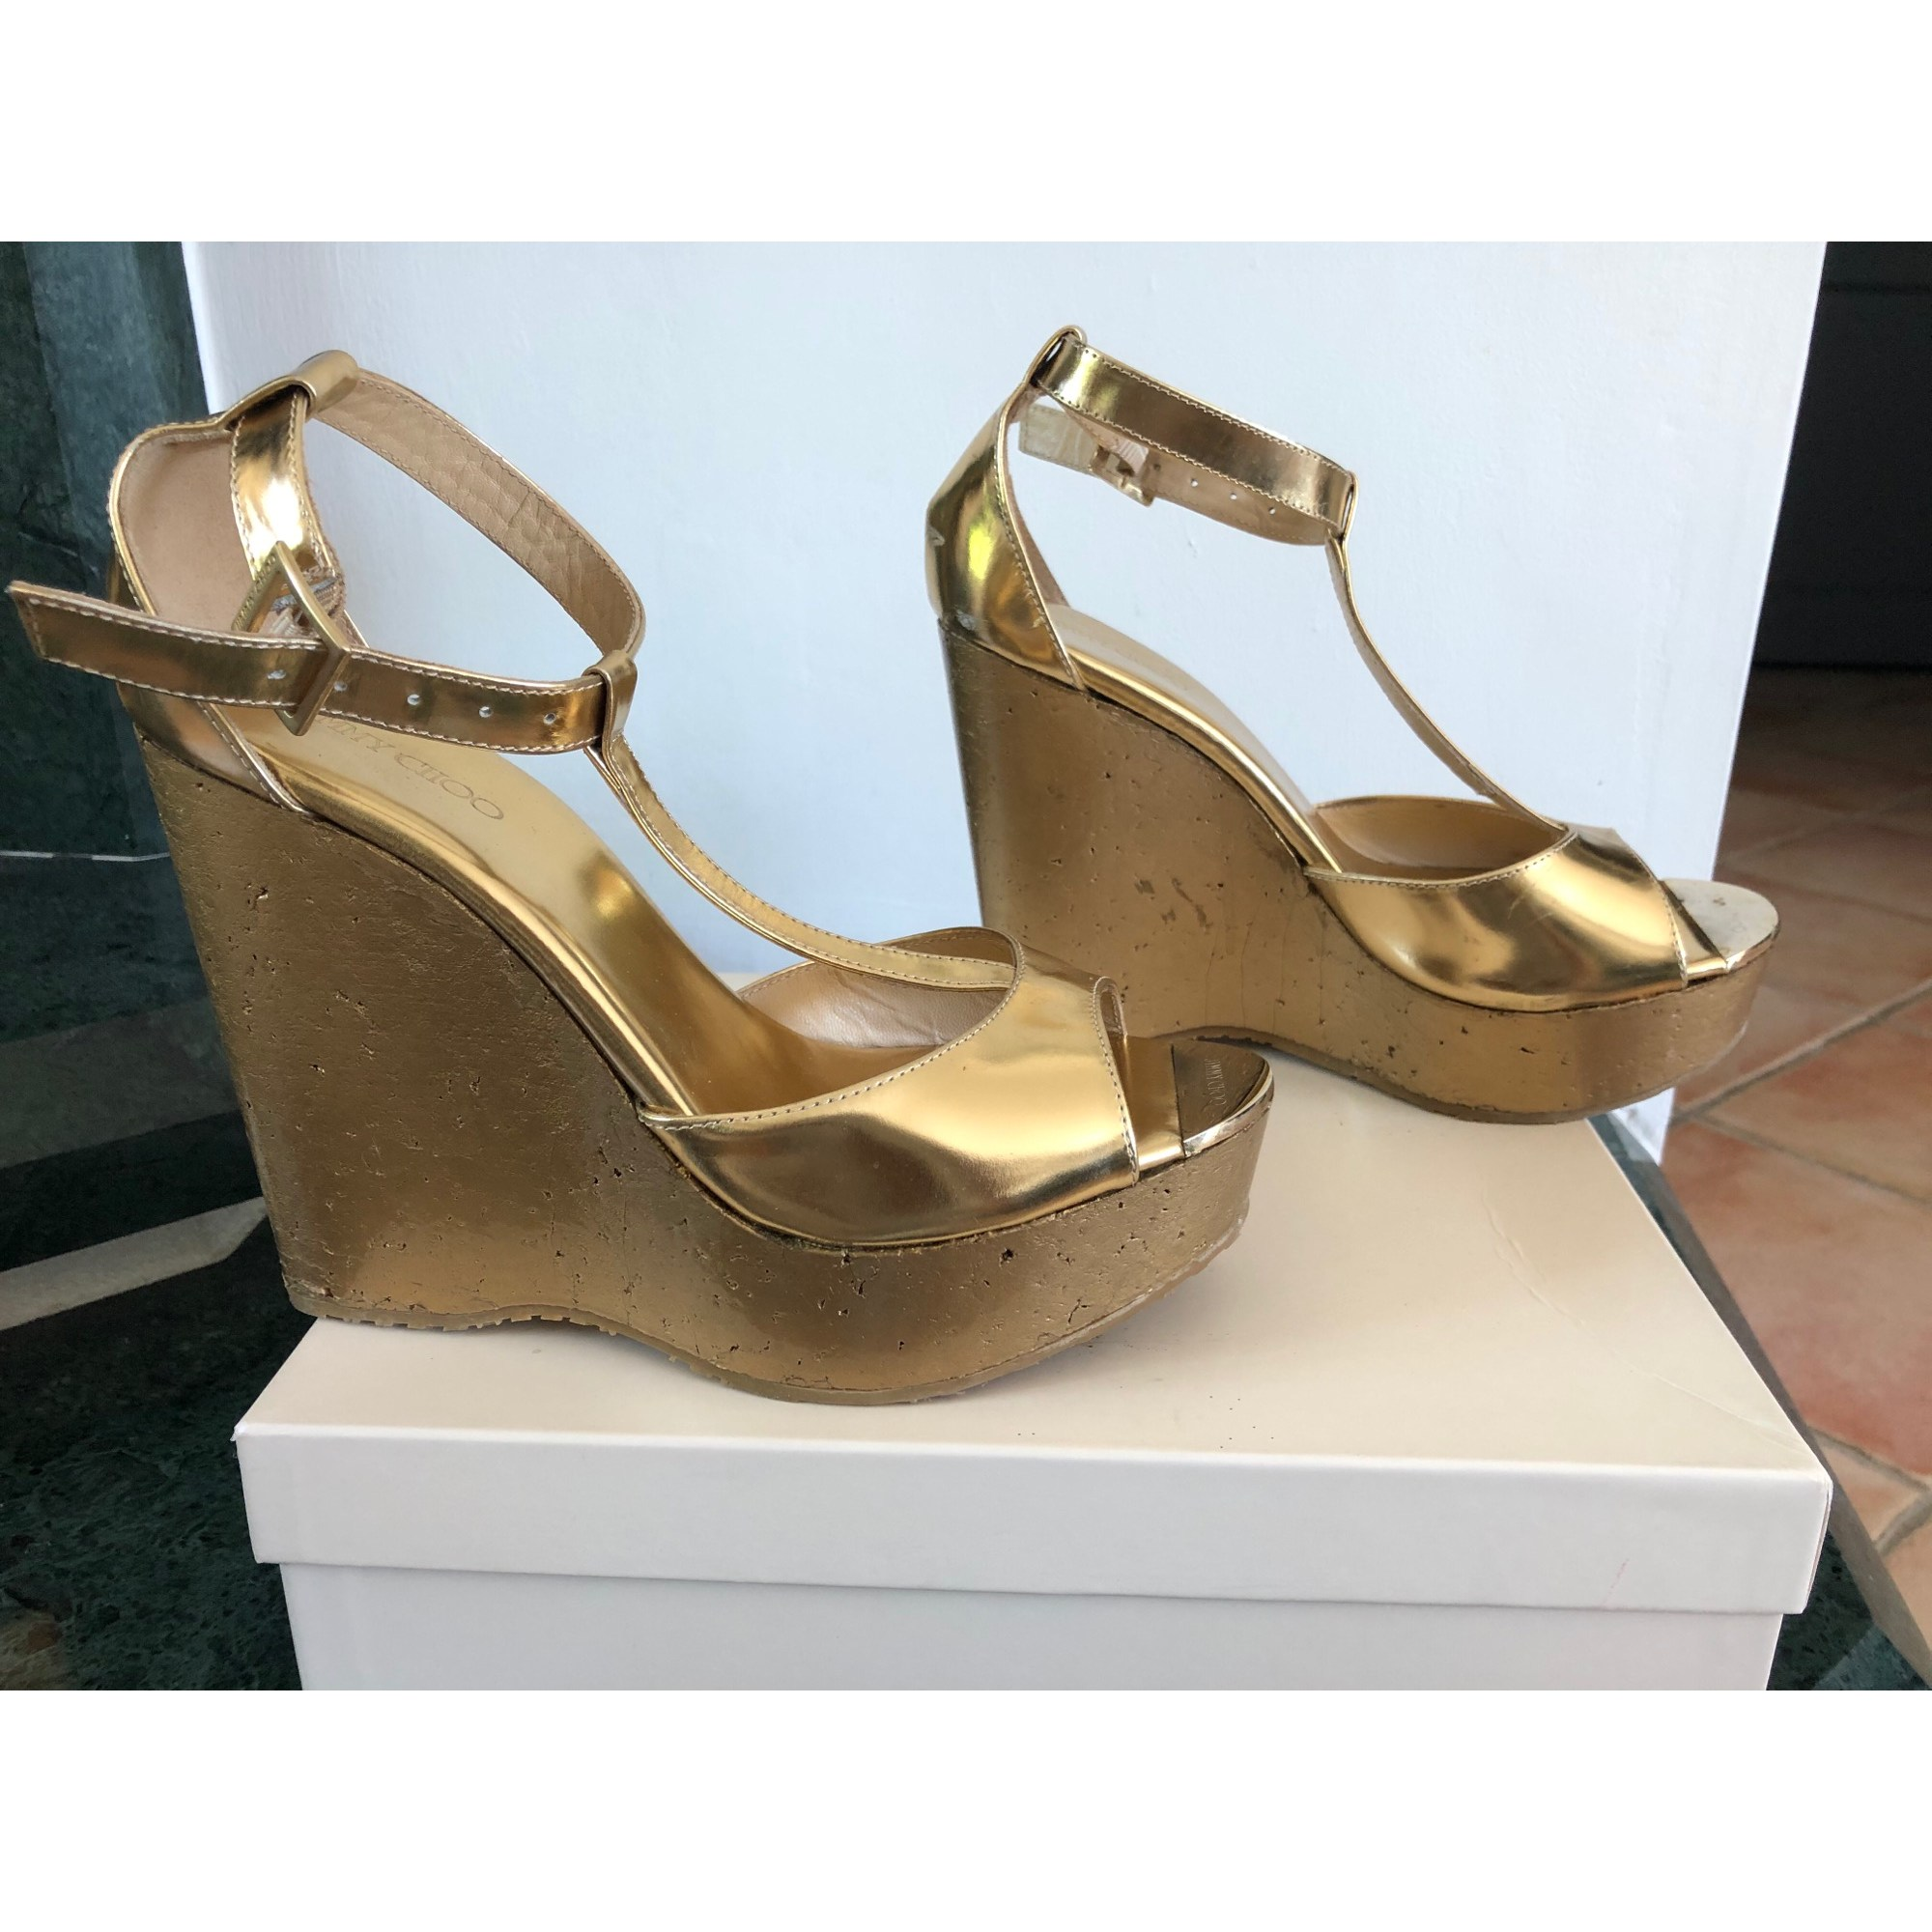 Sandales compensées JIMMY CHOO Doré, bronze, cuivre